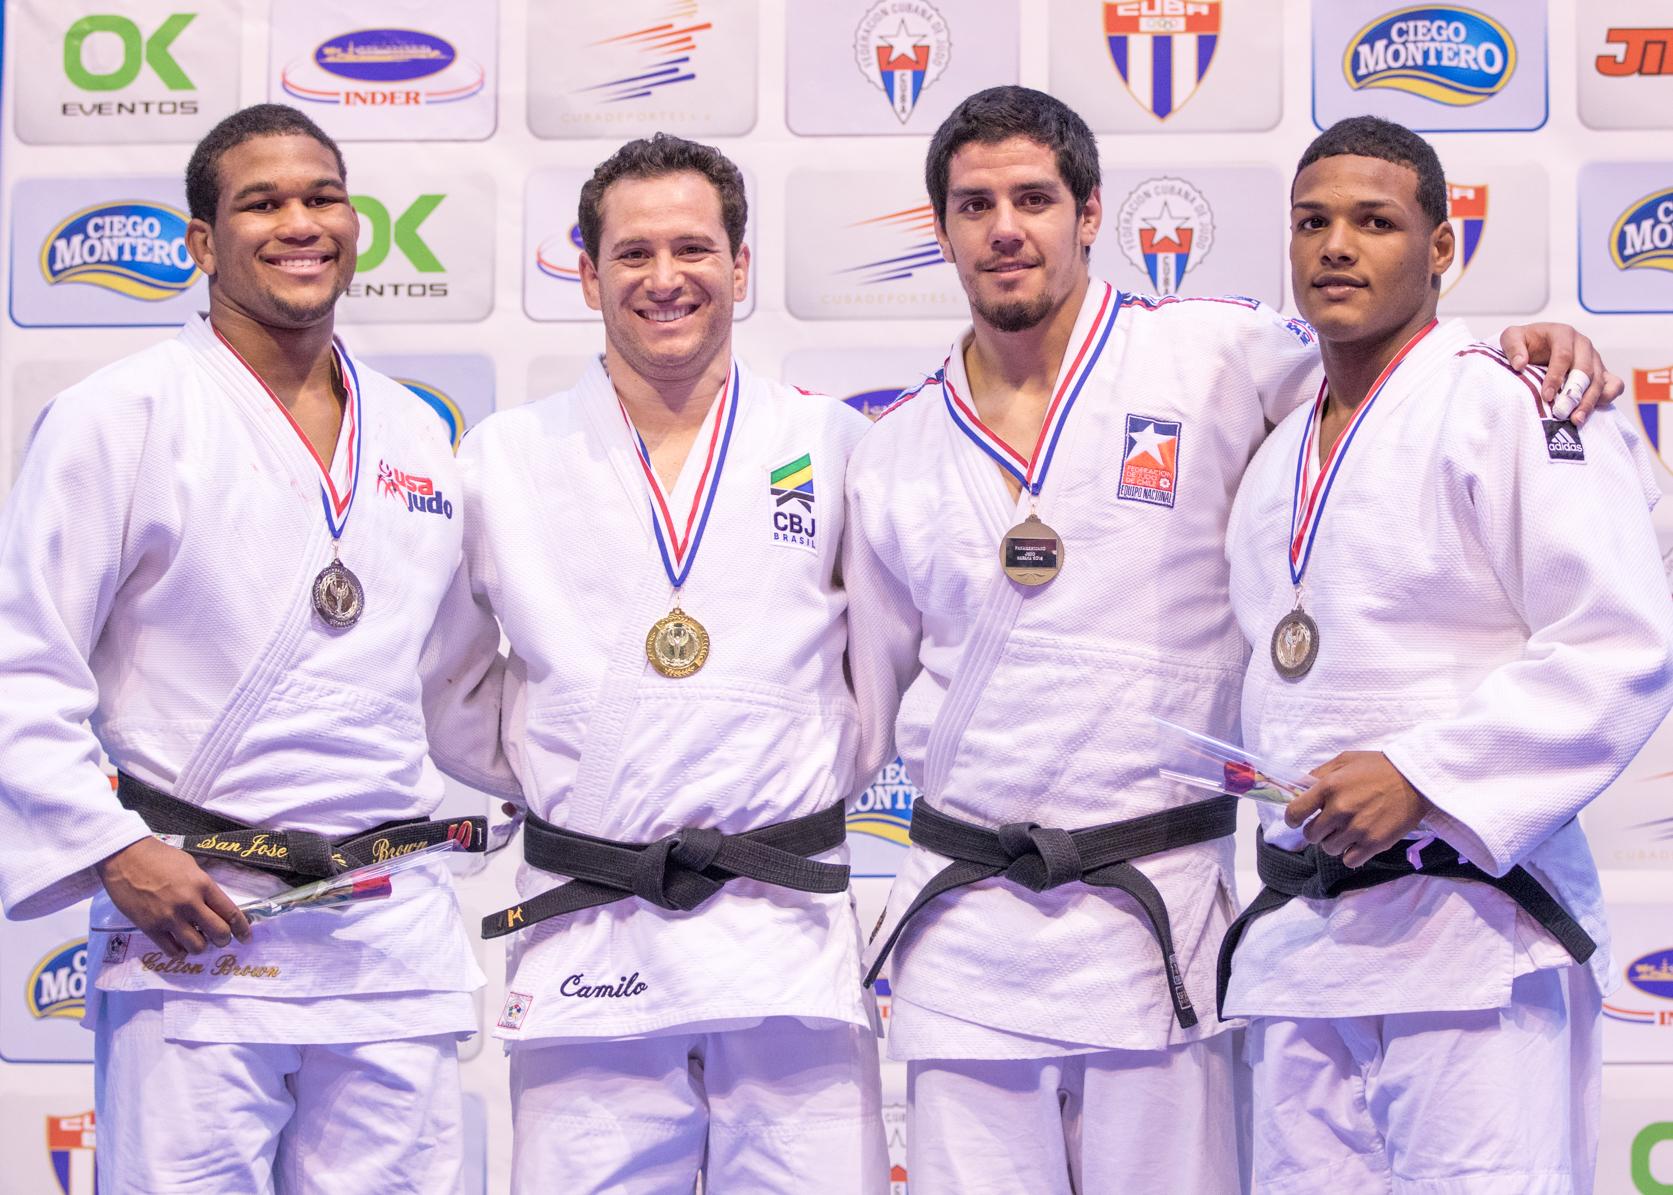 Seleção conquistou sete ouros, quatro pratas e seis bronzes. Rafael Silva (+100kg) e Tiago Camilo (90kg) foram campeões. Foto: Divulgação